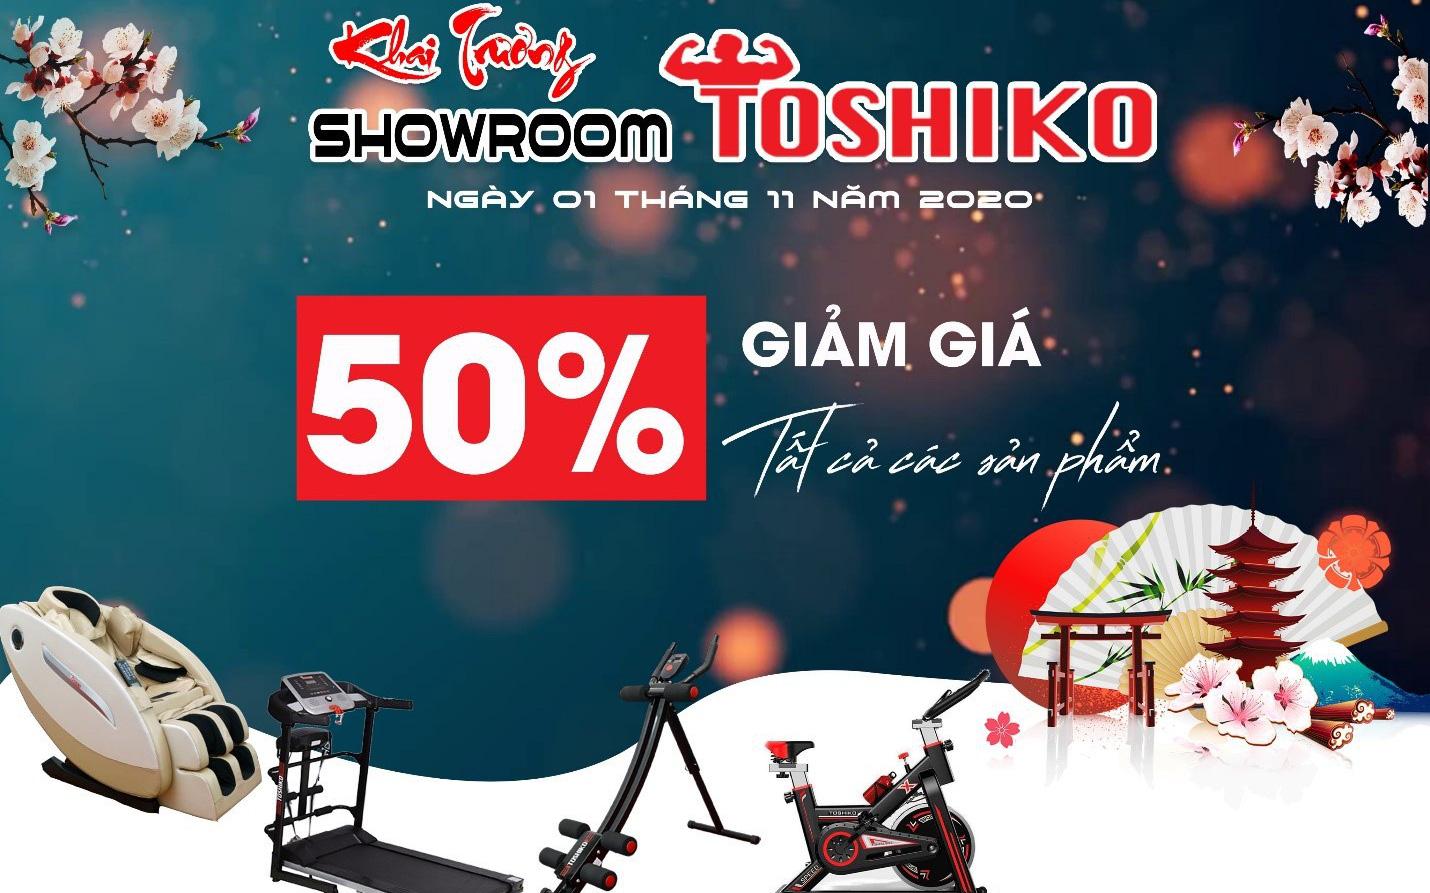 Toshiko khai trương showroom tặng nhiều phần quà hàng chục triệu đồng